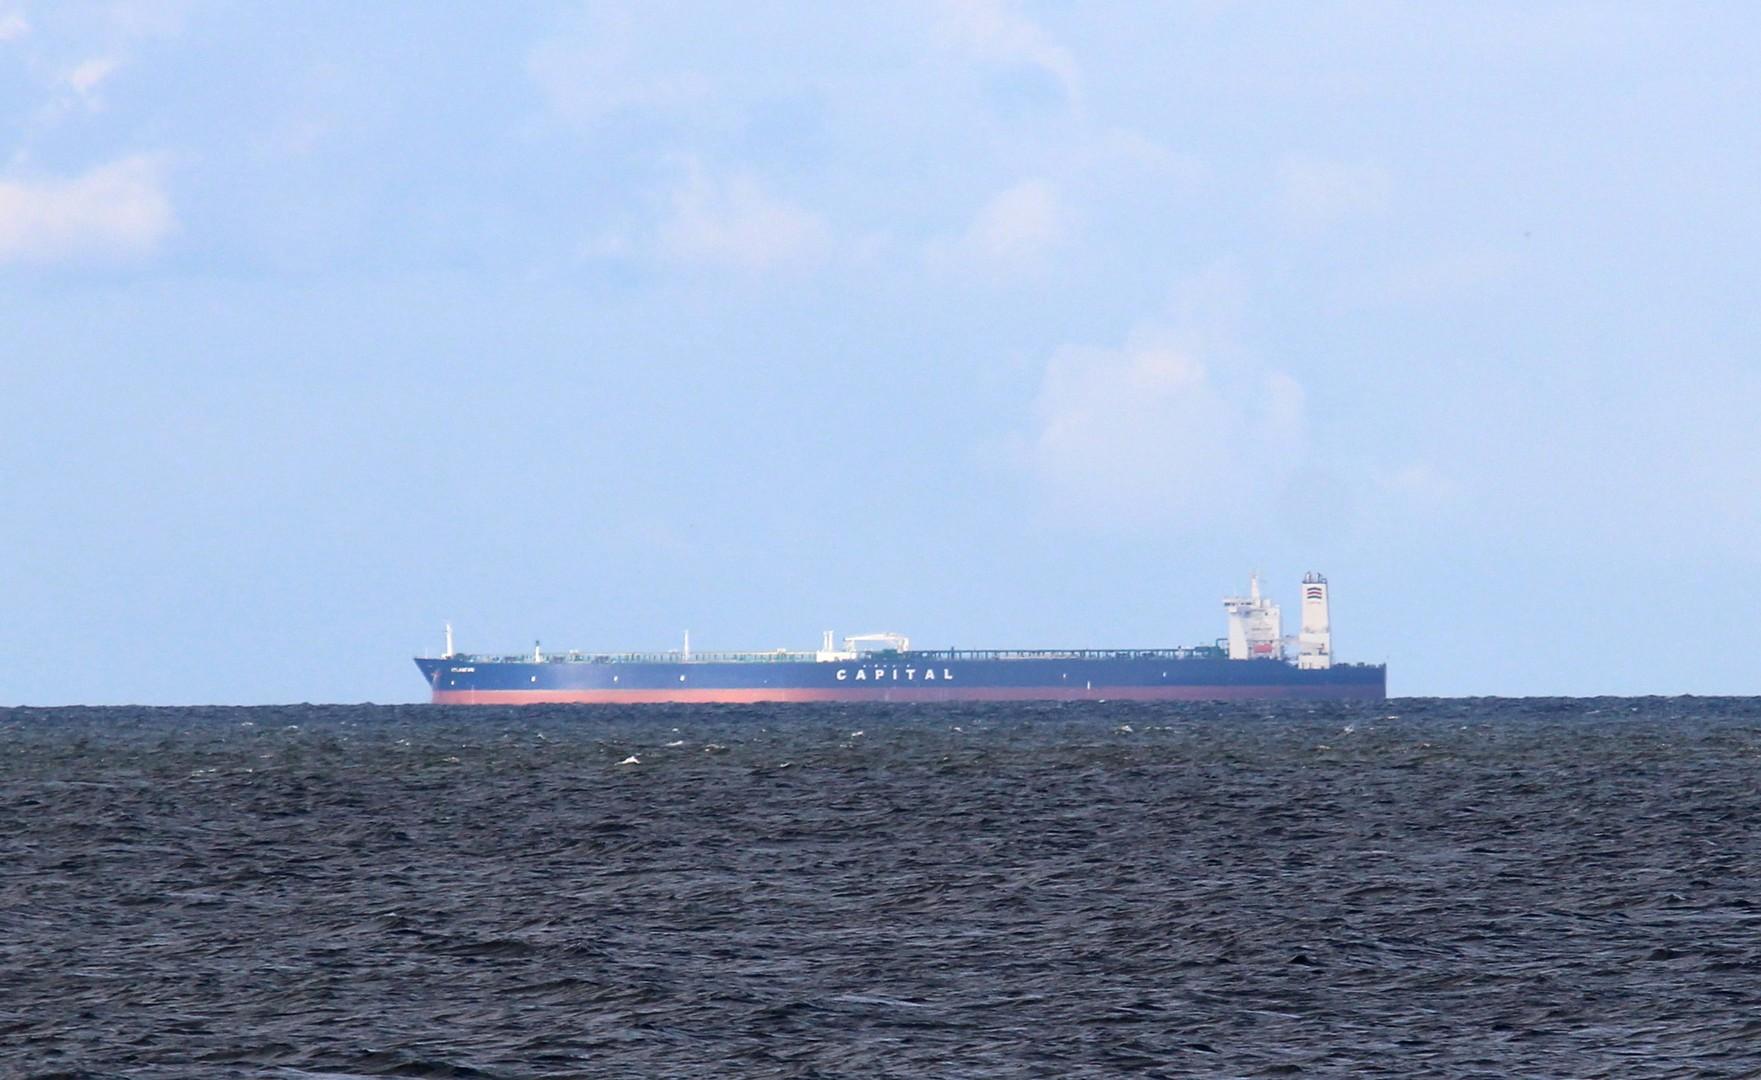 الصين يمكن أن تستخدم النفط الإيراني سلاحا في الحرب التجارية ضد الولايات المتحدة